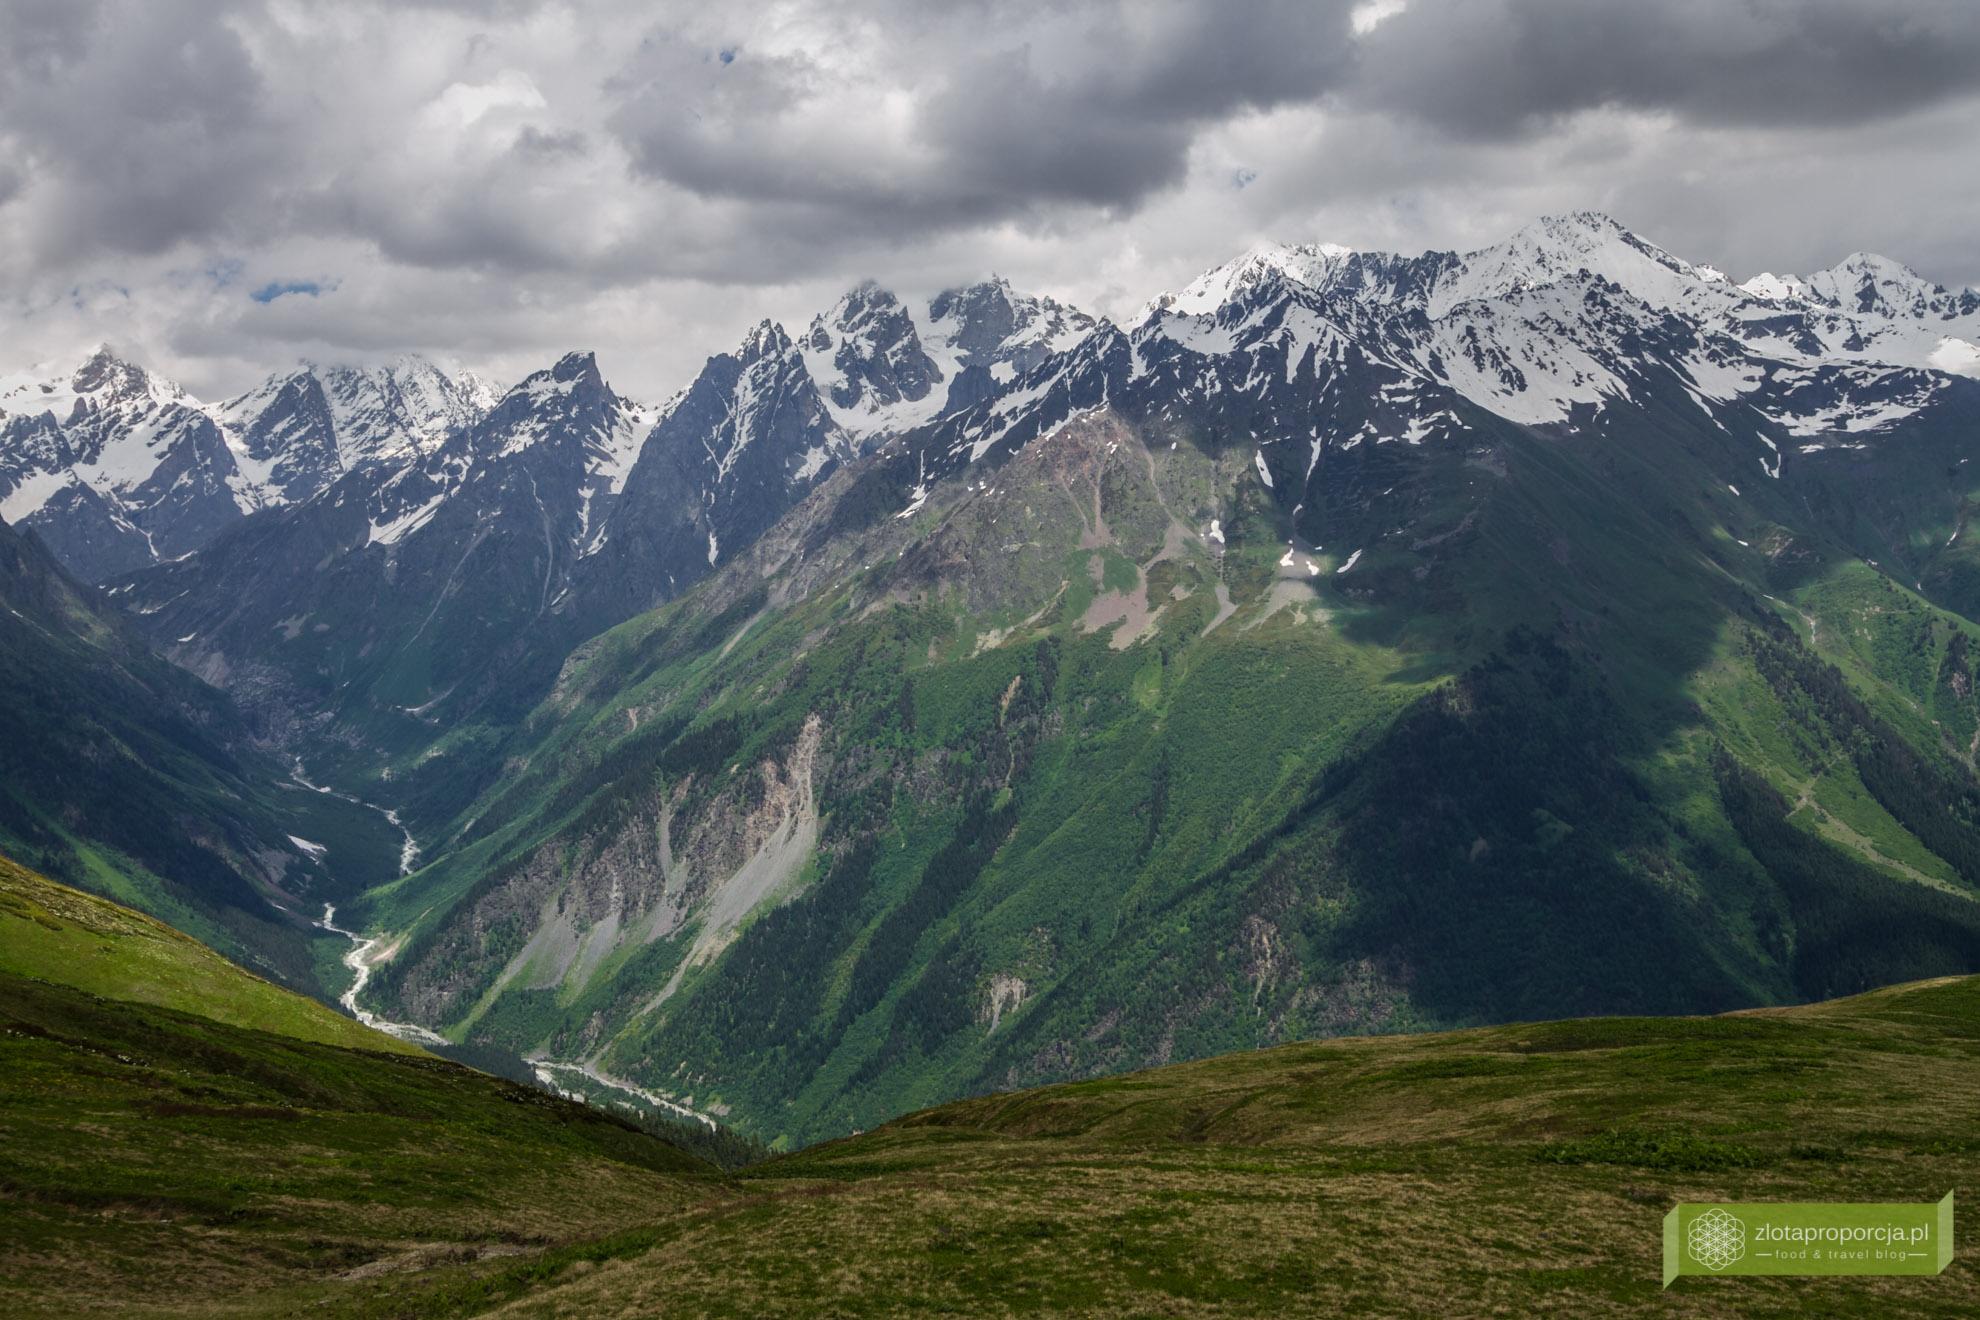 Mestia, Swanetia, Gruzja, atrakcje Gruzji, atrakcje Swanetii, trekking w Swanetii;